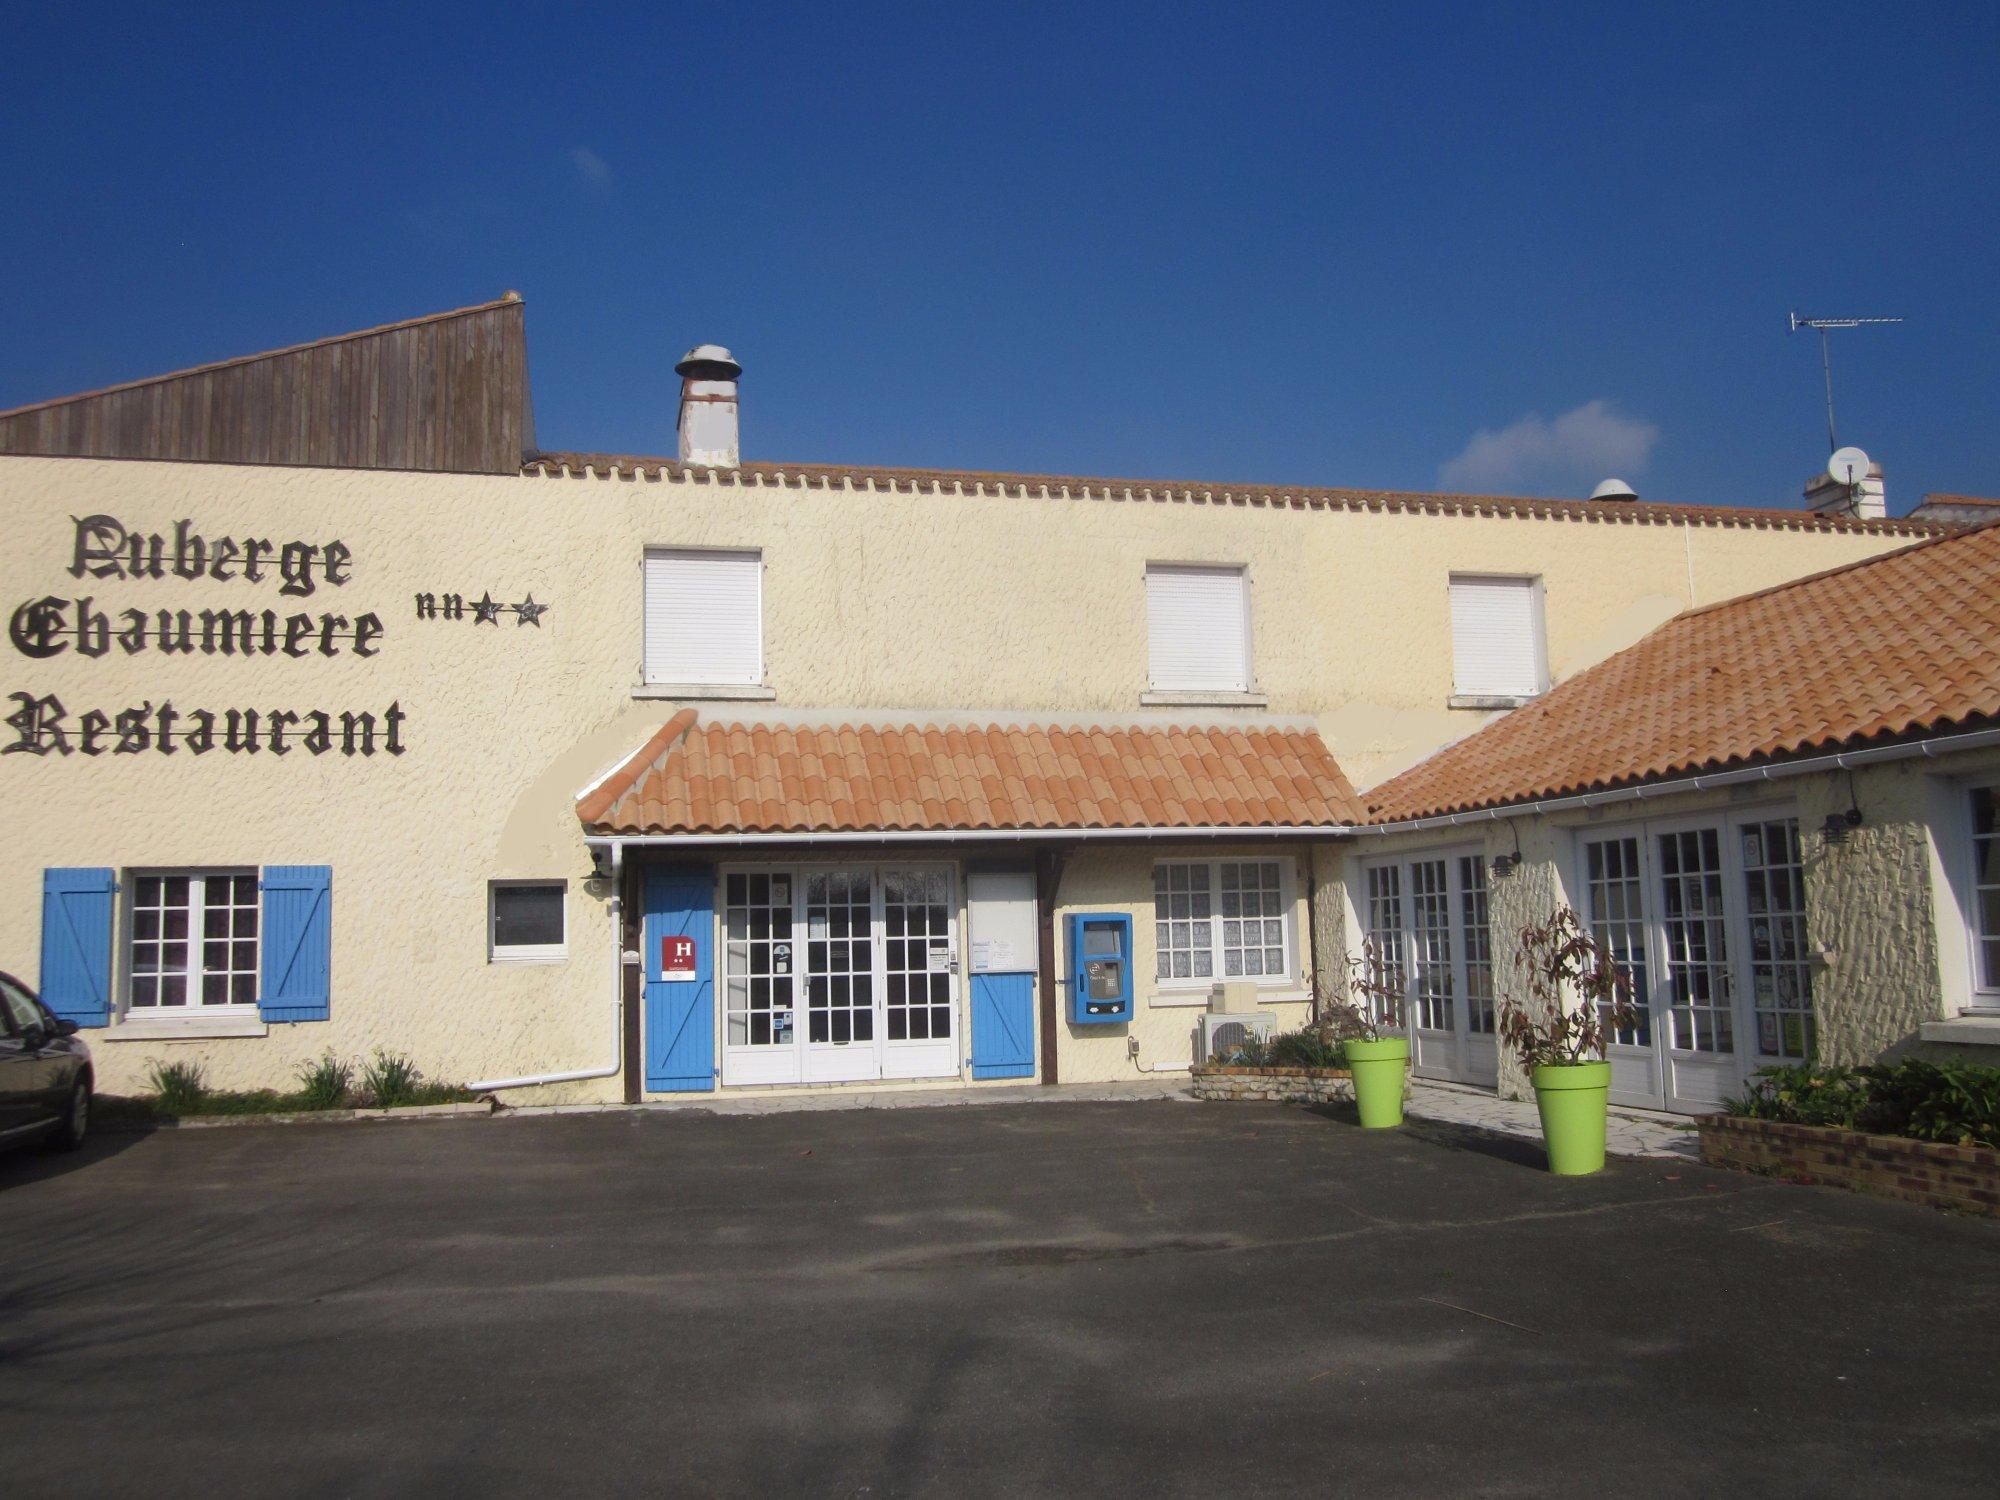 Auberge la chaumiere hotel reviews price comparison for Auberge de la maison tripadvisor